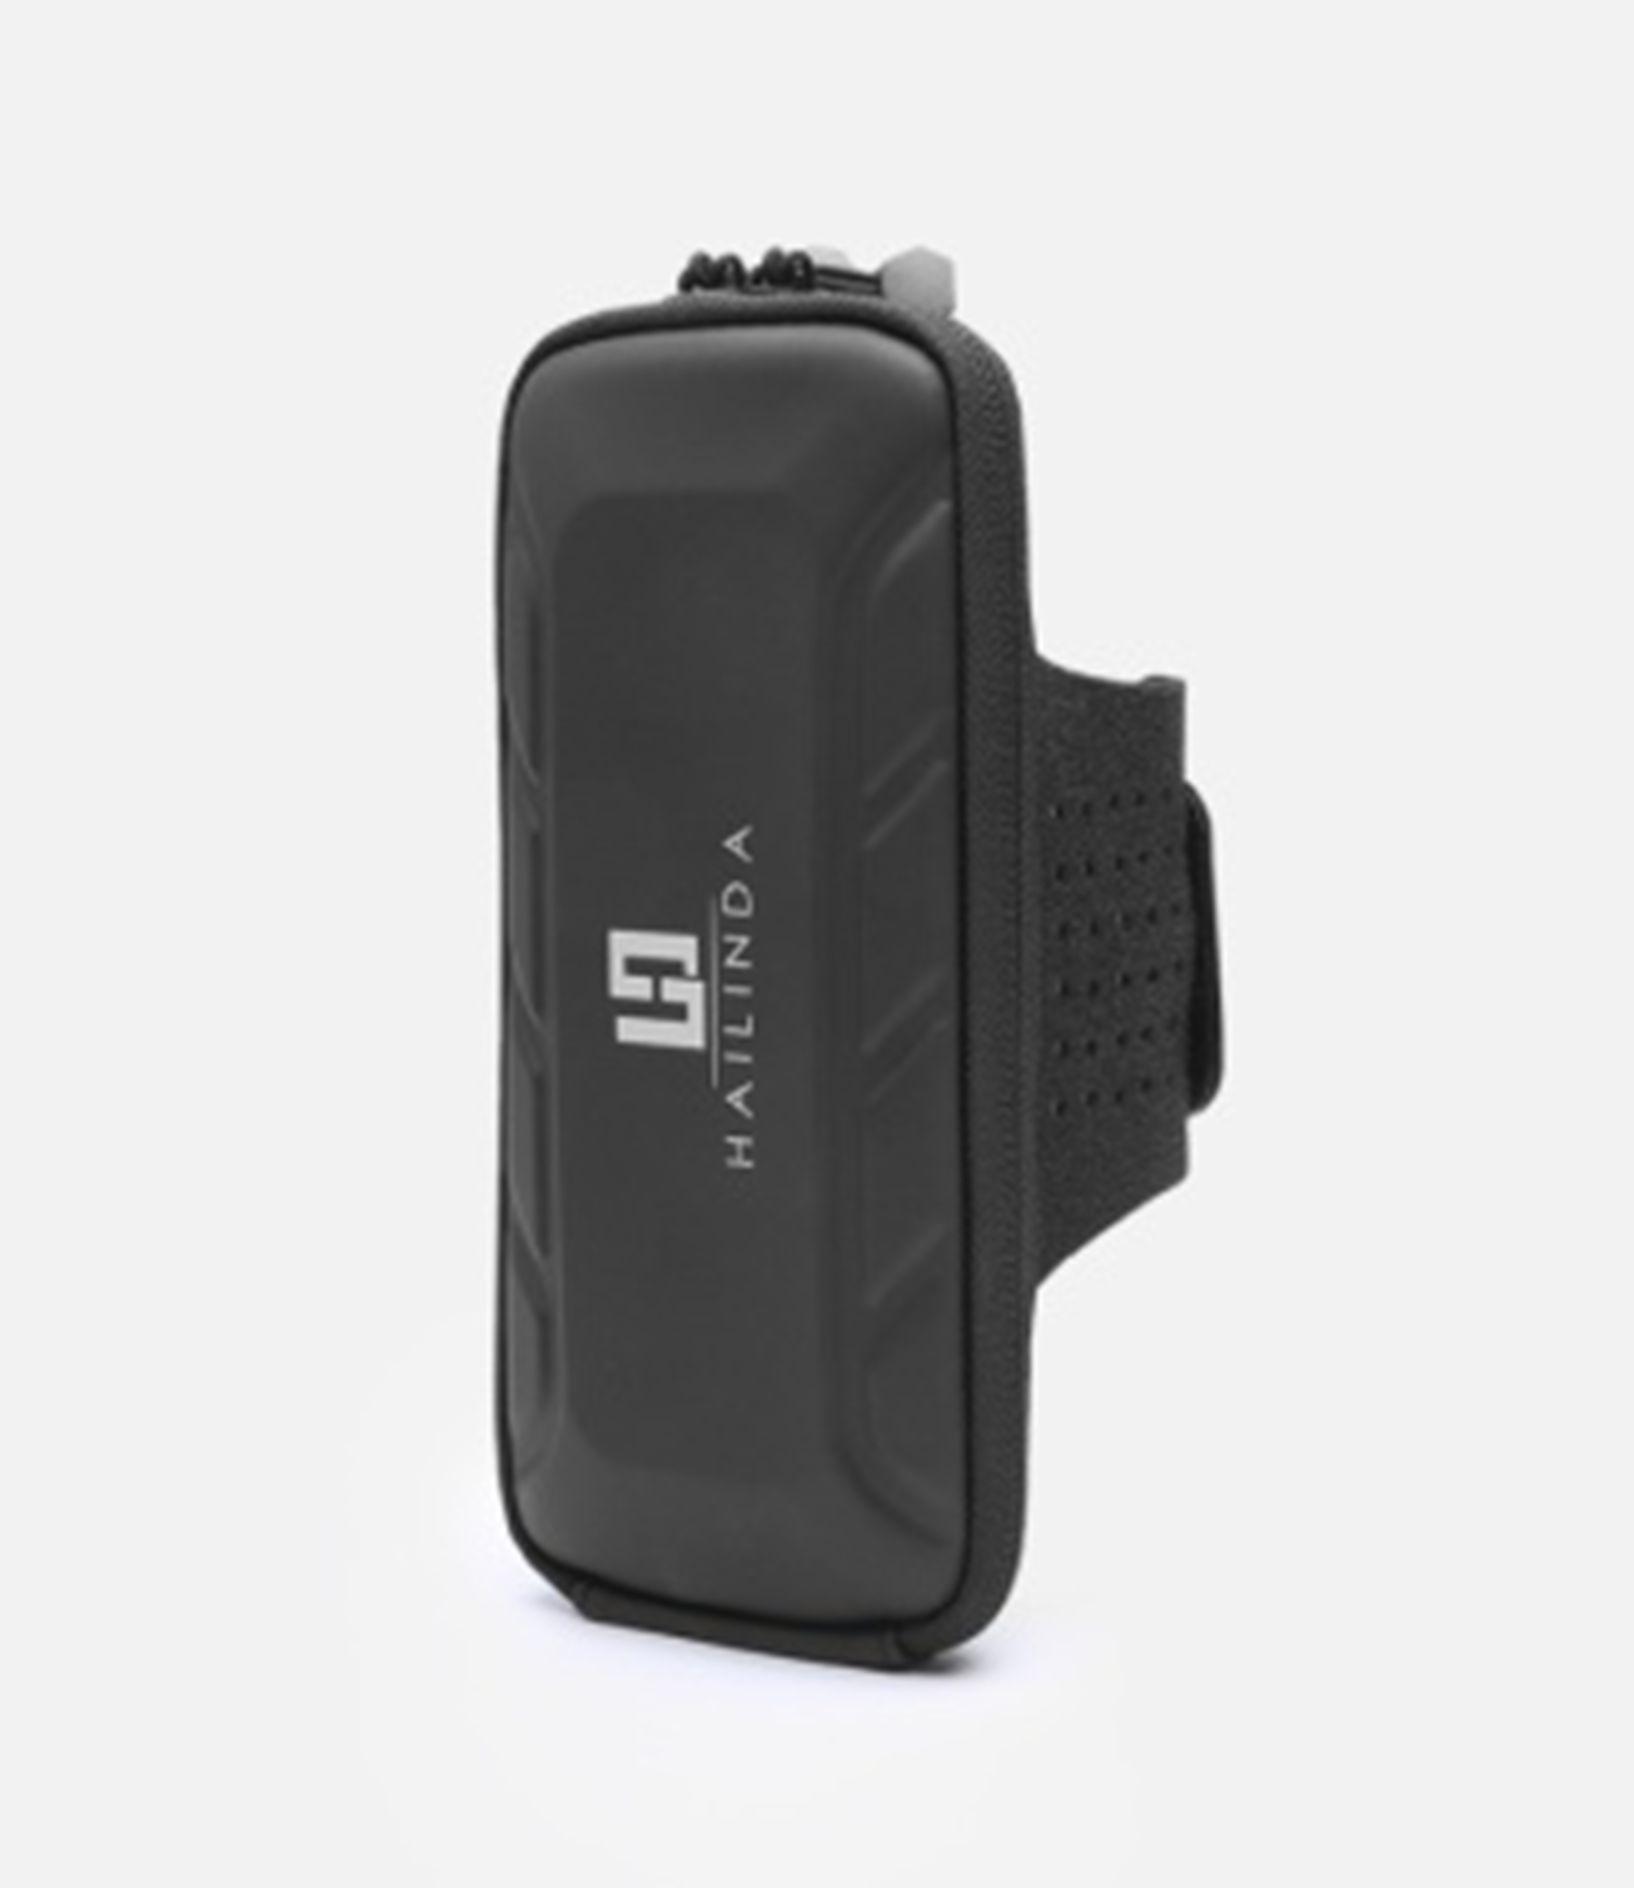 义乌好货 运动手机包臂包HLD-1432/303